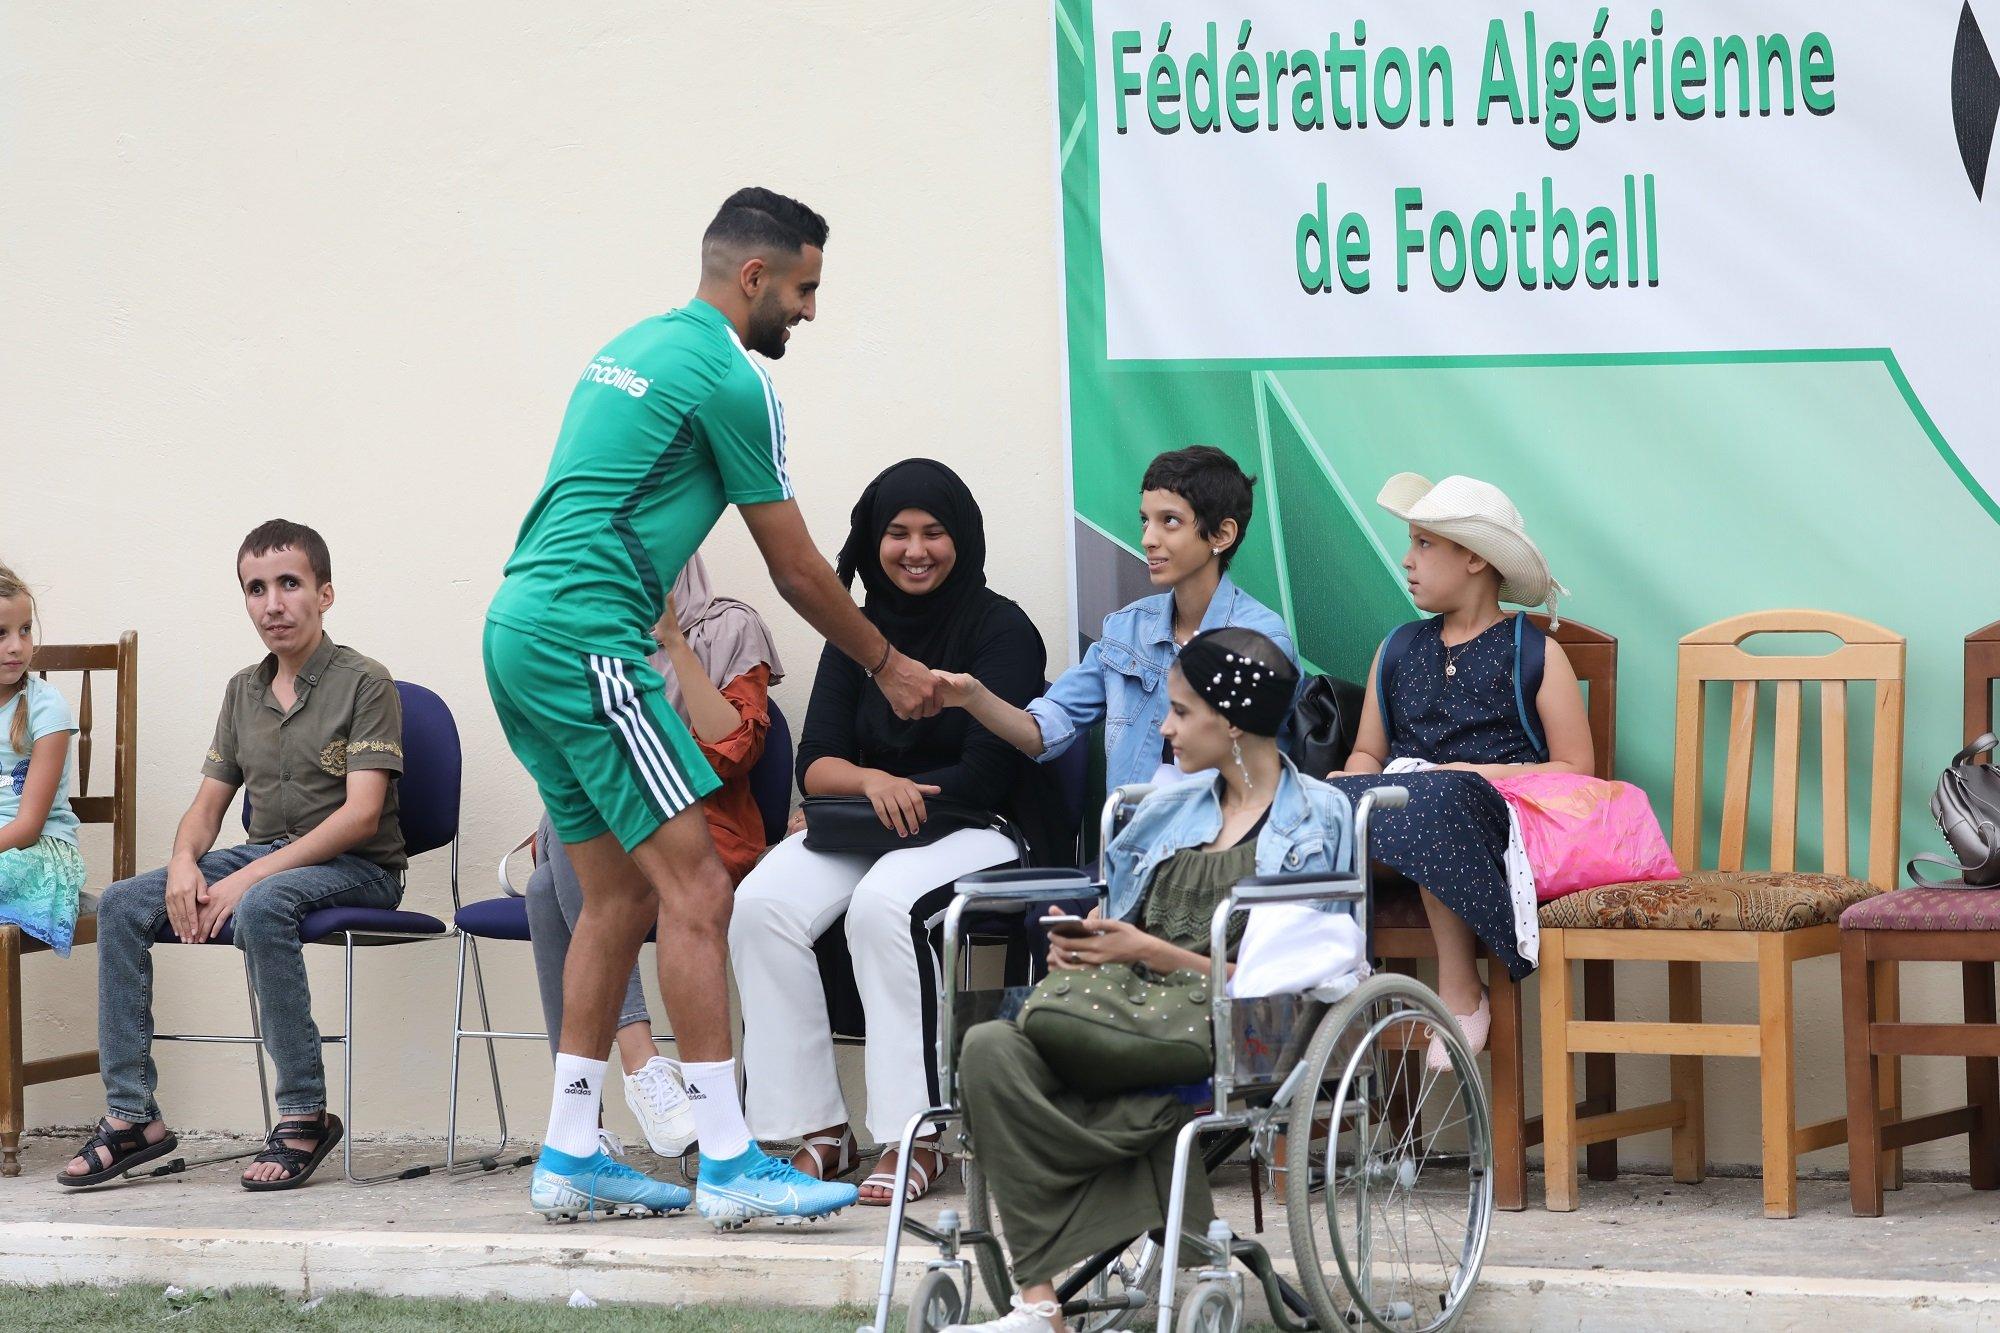 صورة لفتة إنسانية من نجوم الجزائر باستضافة أطفال مصابين بالسرطان